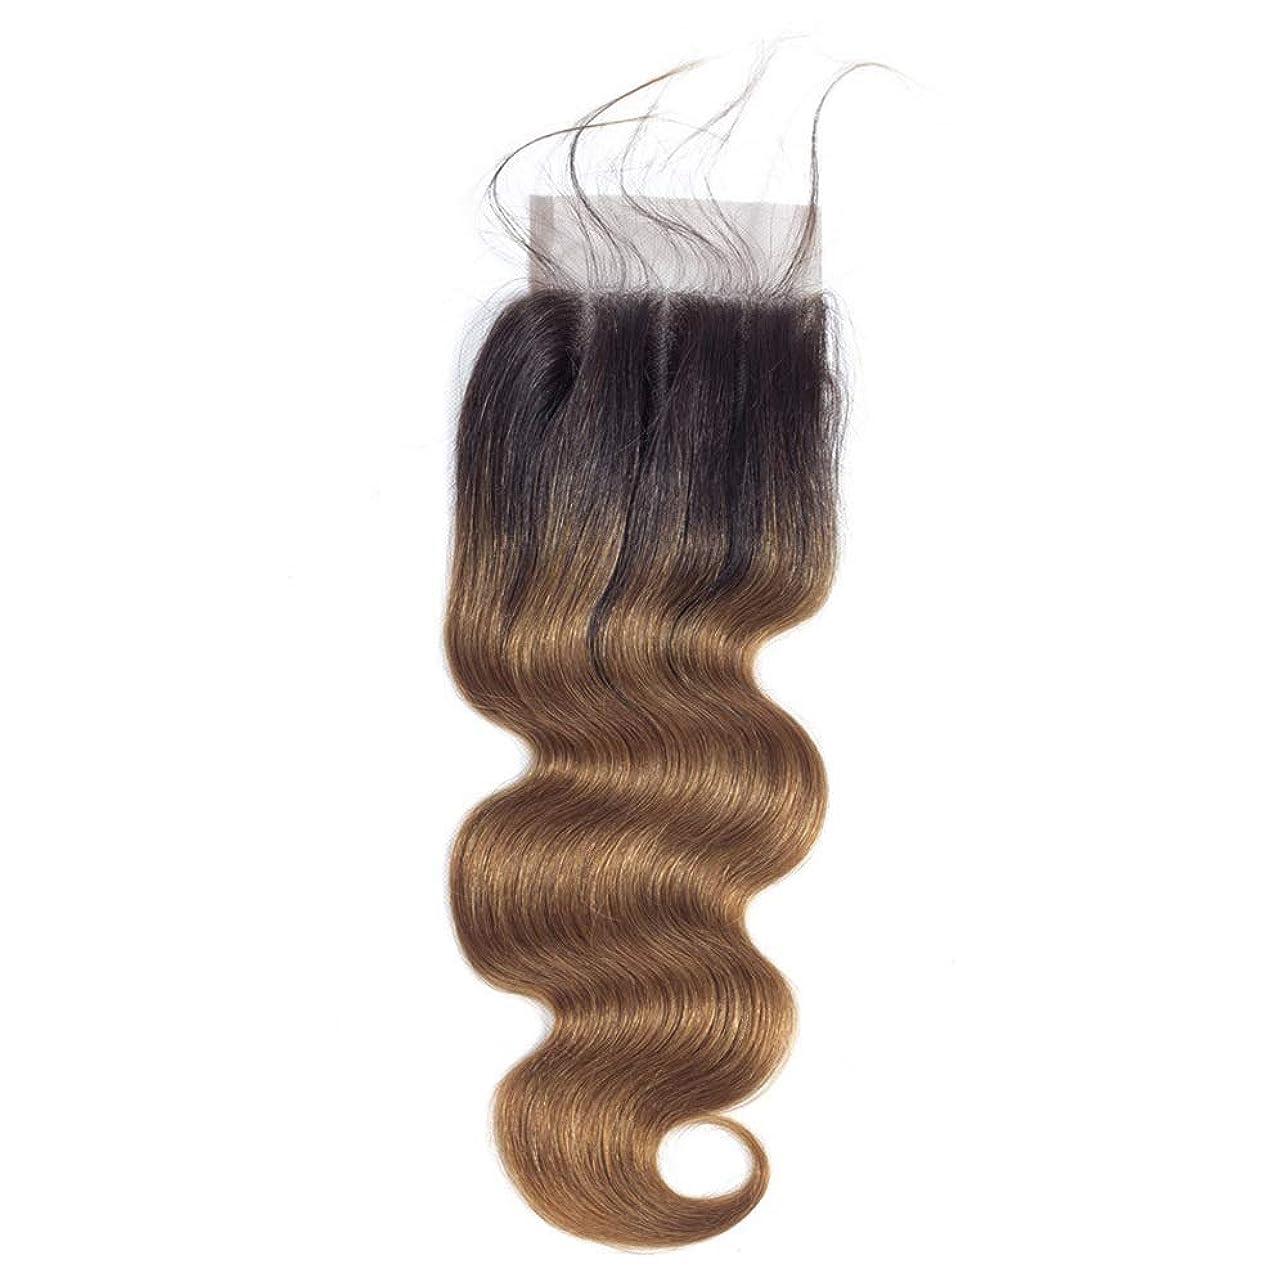 性的ゴールドセラフYESONEEP ブラジルの人間の髪の毛のレース前頭閉鎖4 x 4耳に耳1B / 30ブラウン2トーンカラー8